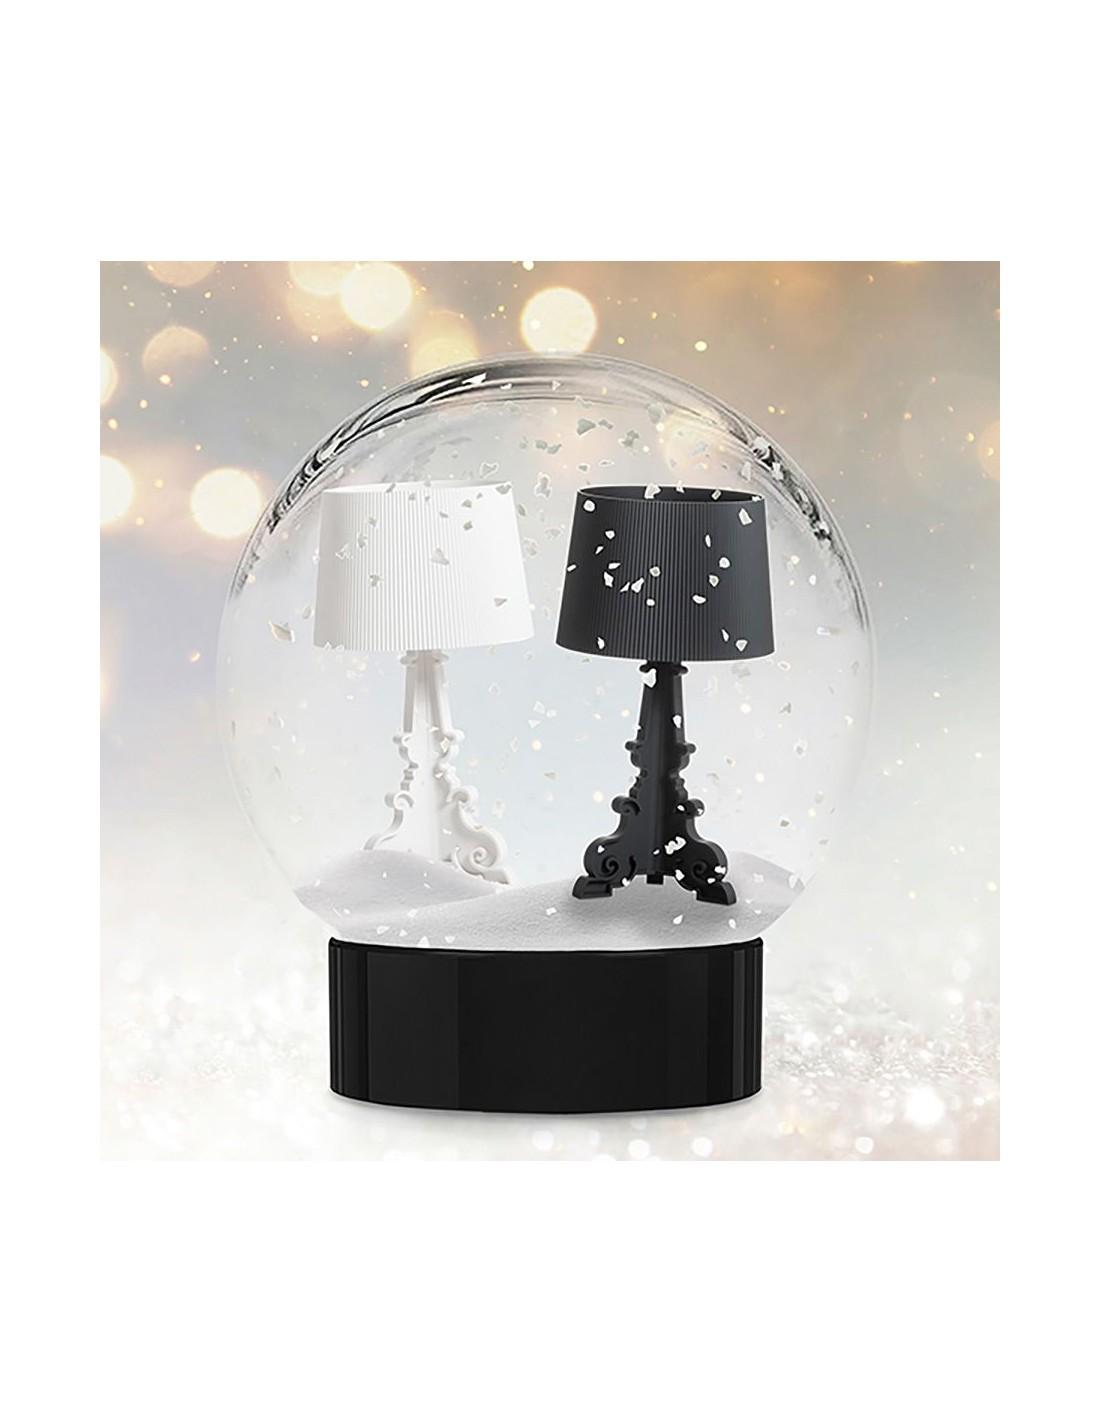 Lampe de table Bourgie mat, noir et blanc,  Kartell Valente Design pour Noêl